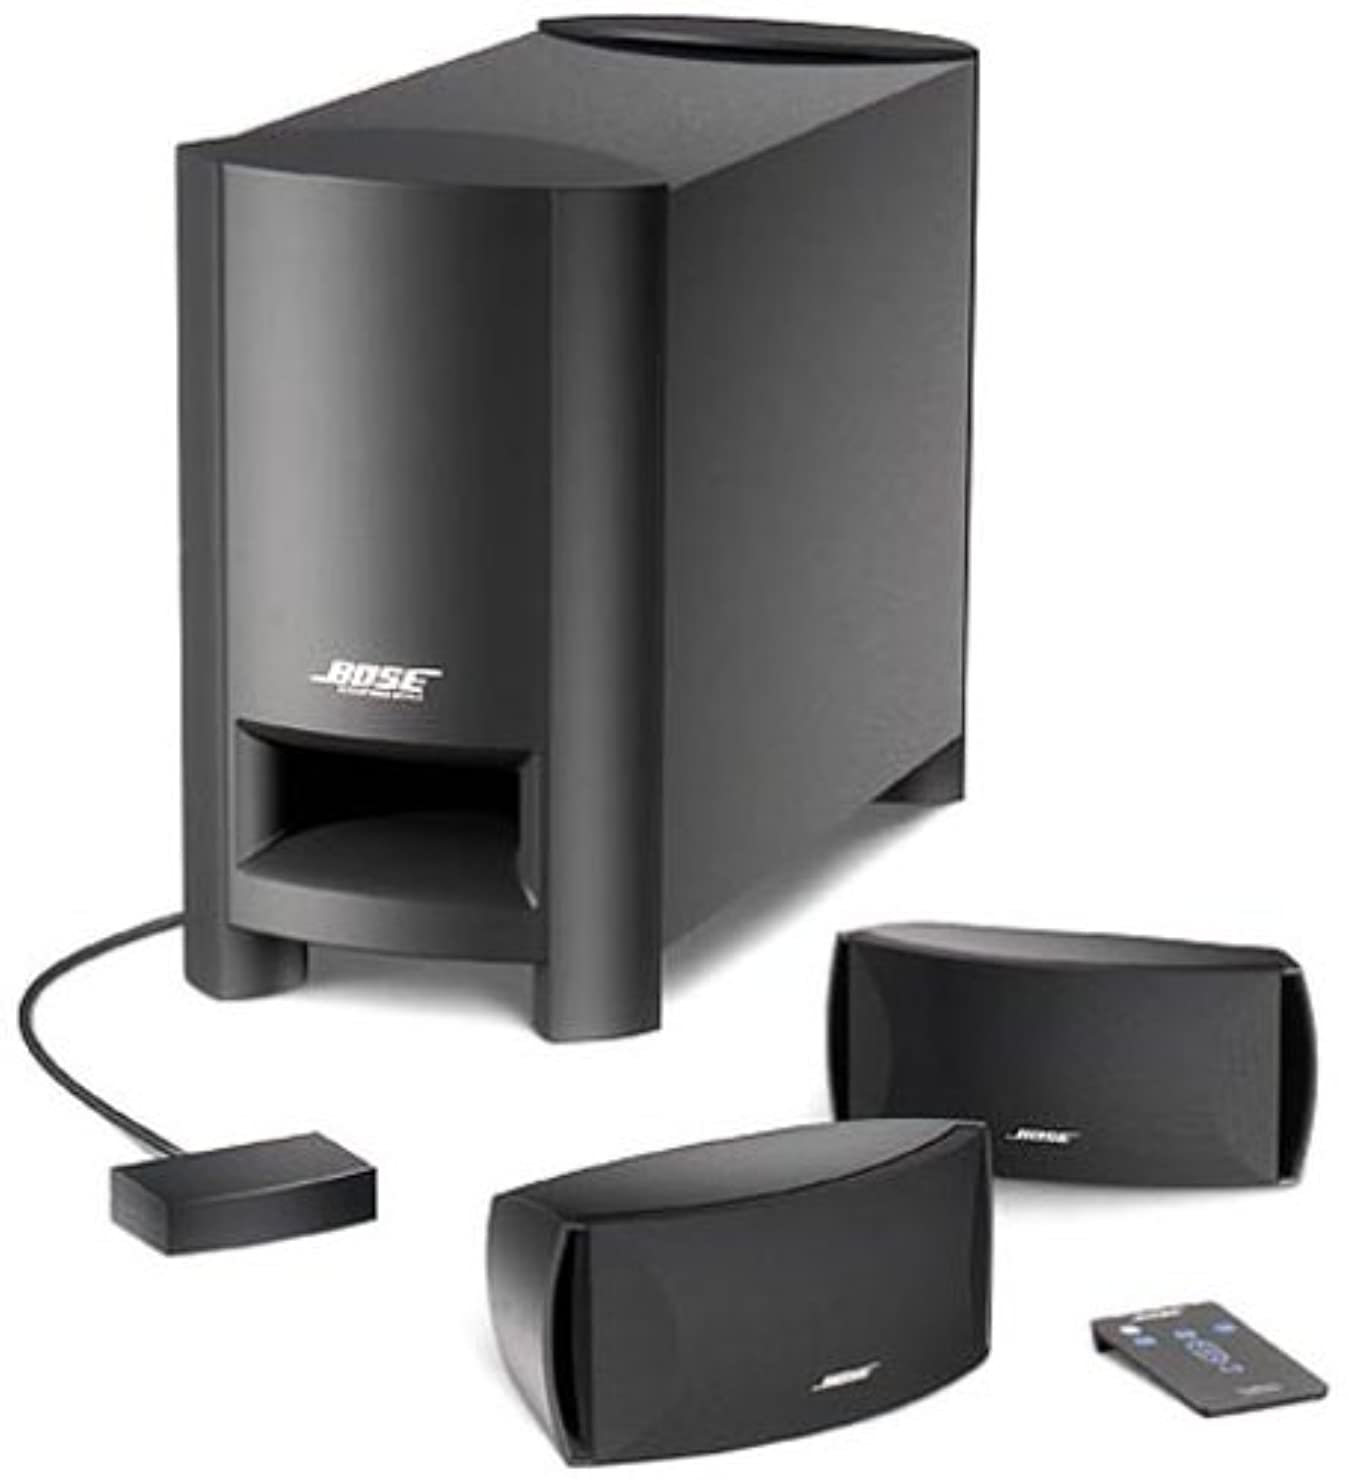 を必要としていますはしご癒すBose Freestyle speaker system